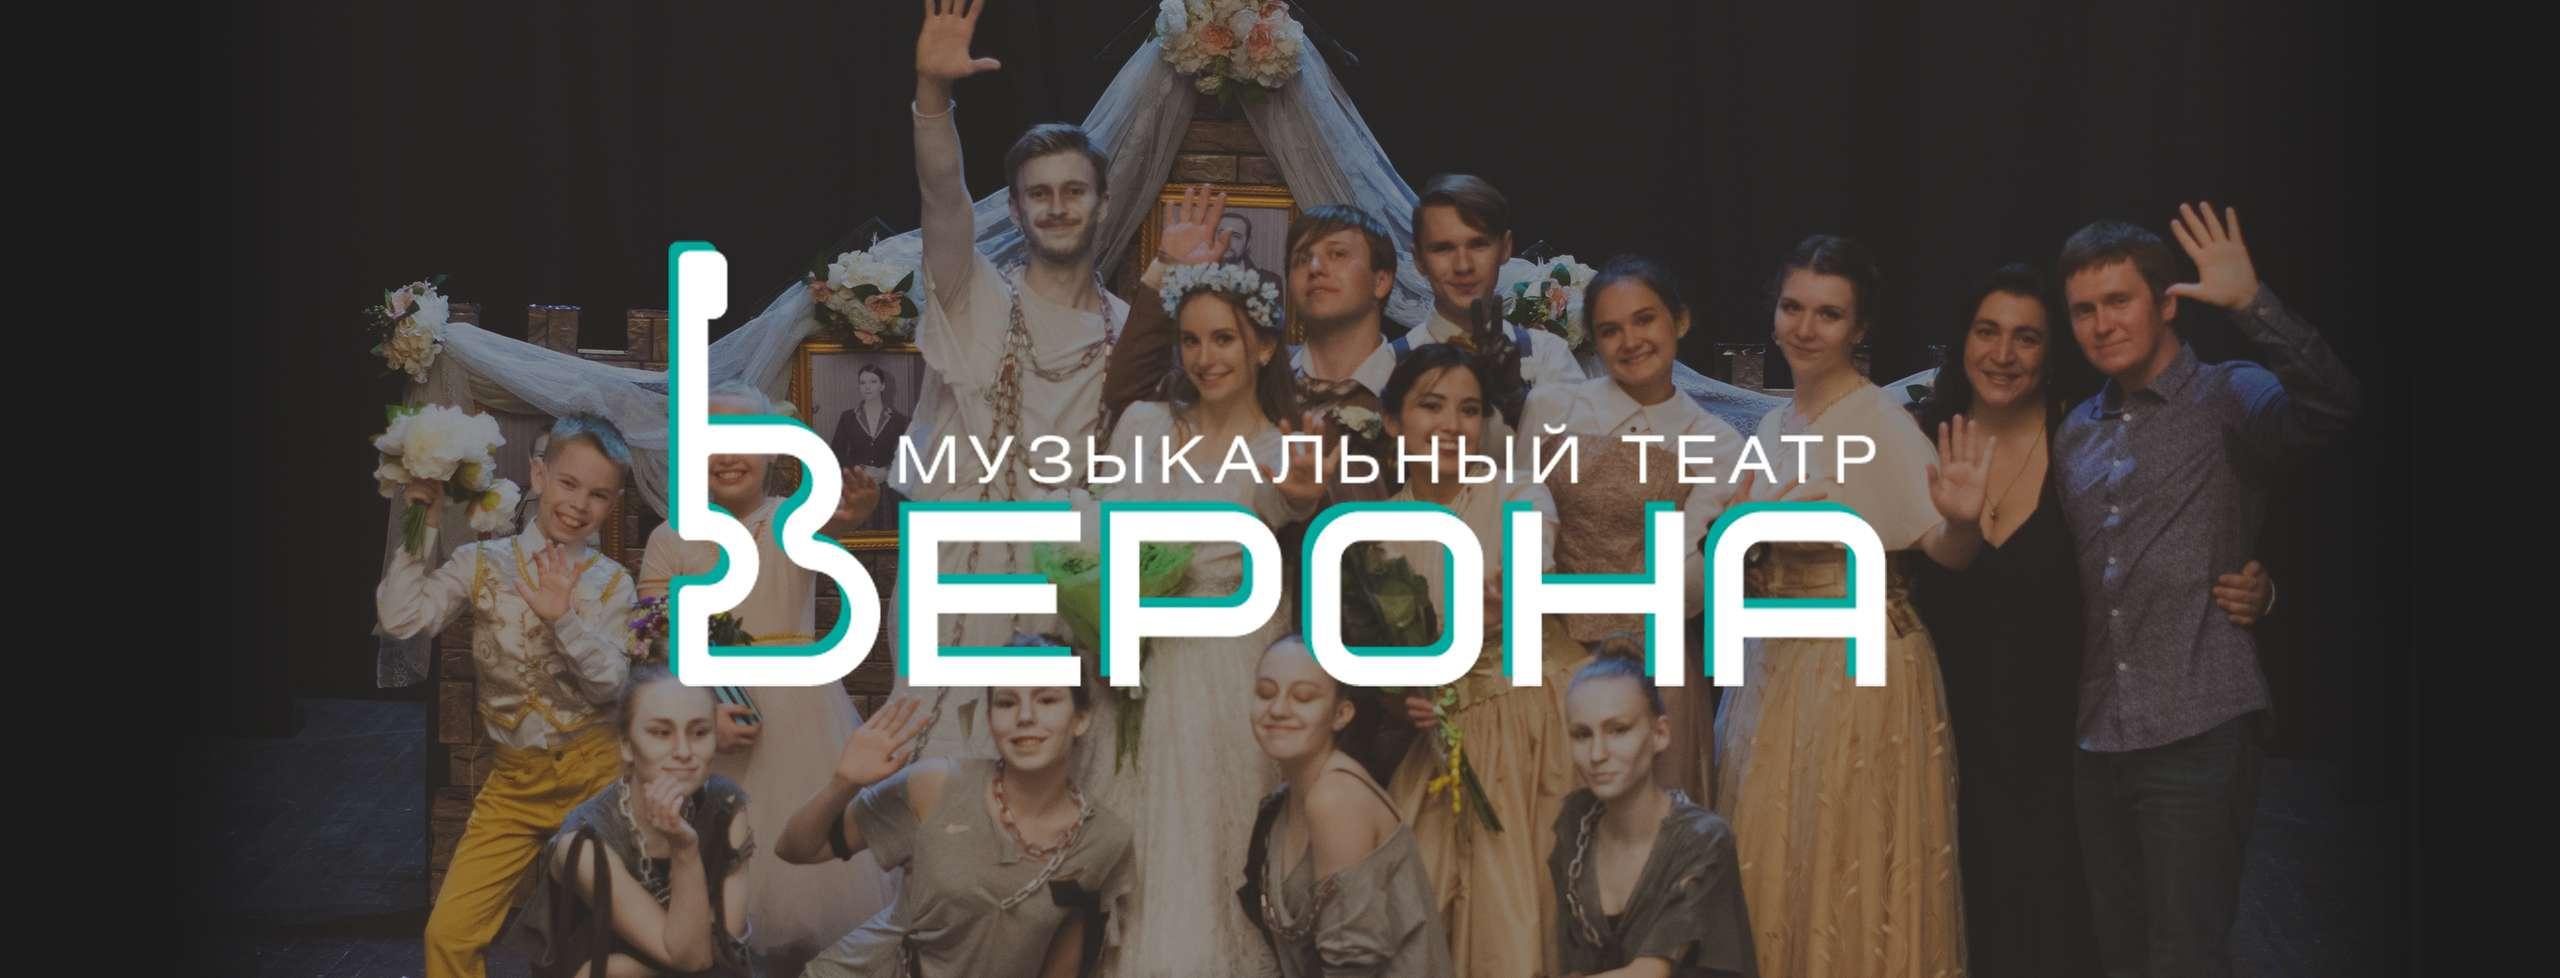 Музыкальный театр ВЕРОНА